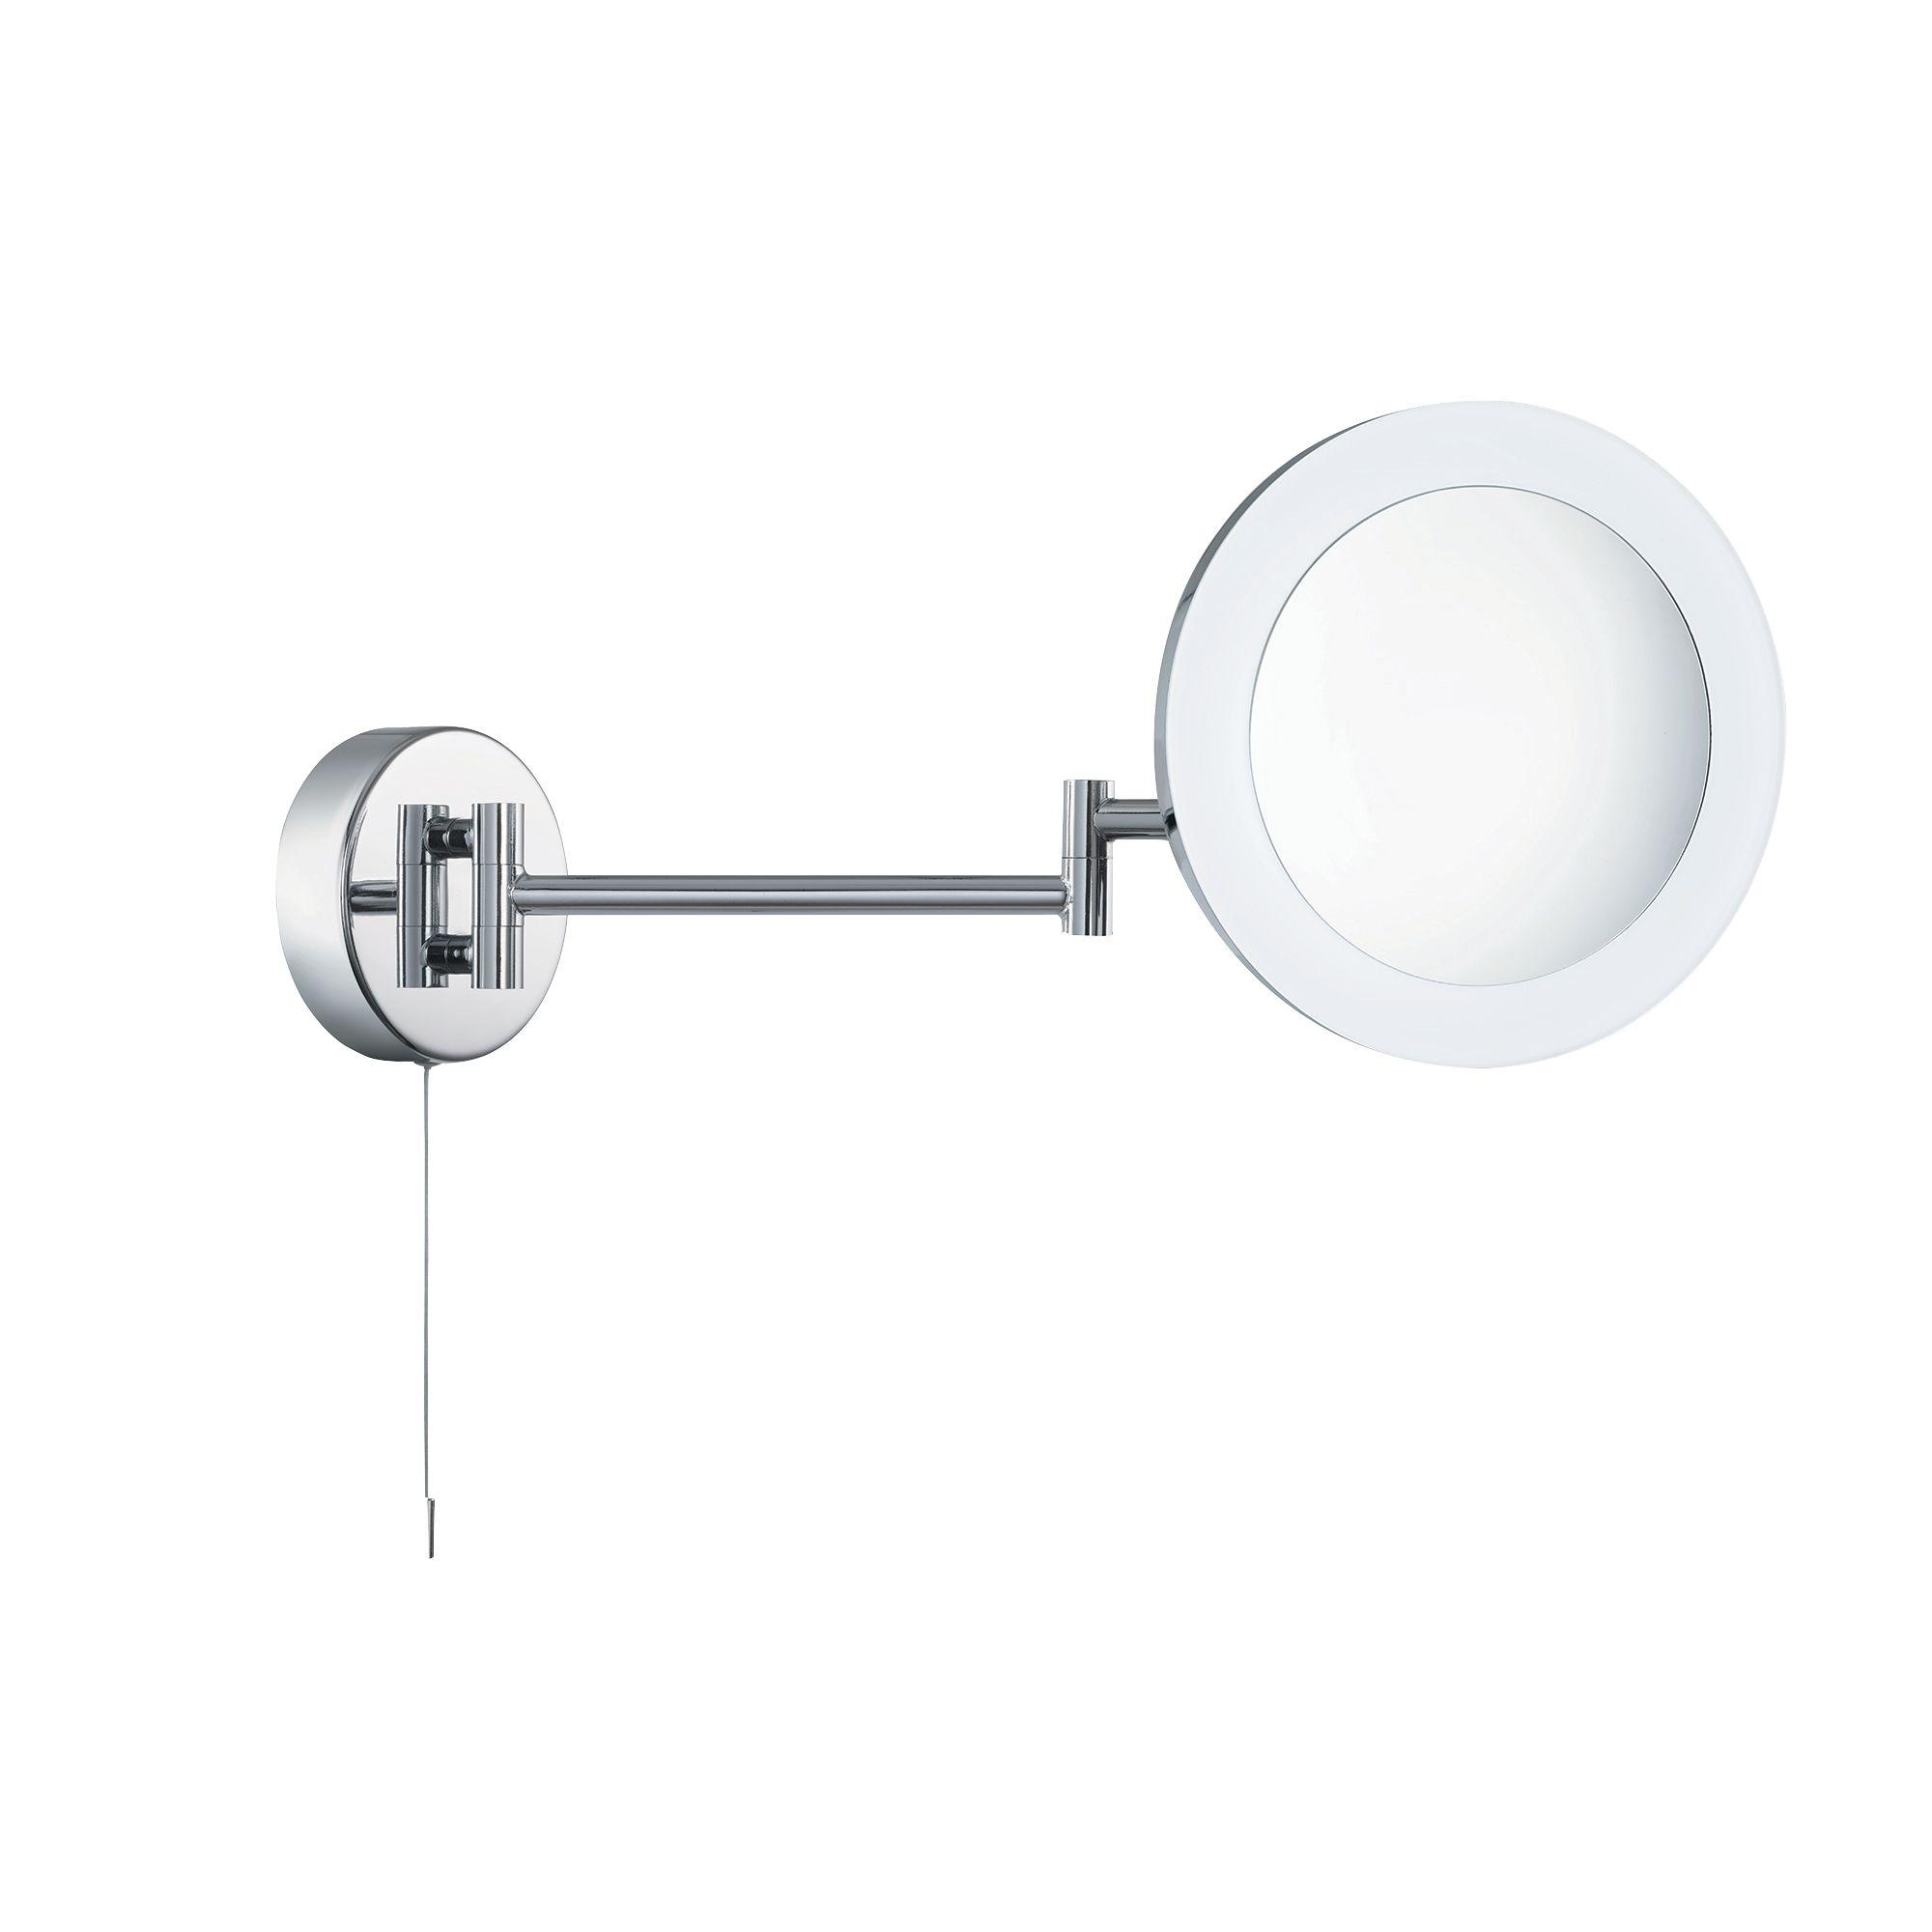 Ip44 Chrome Illuminated Adjustable Bathroom Mirror